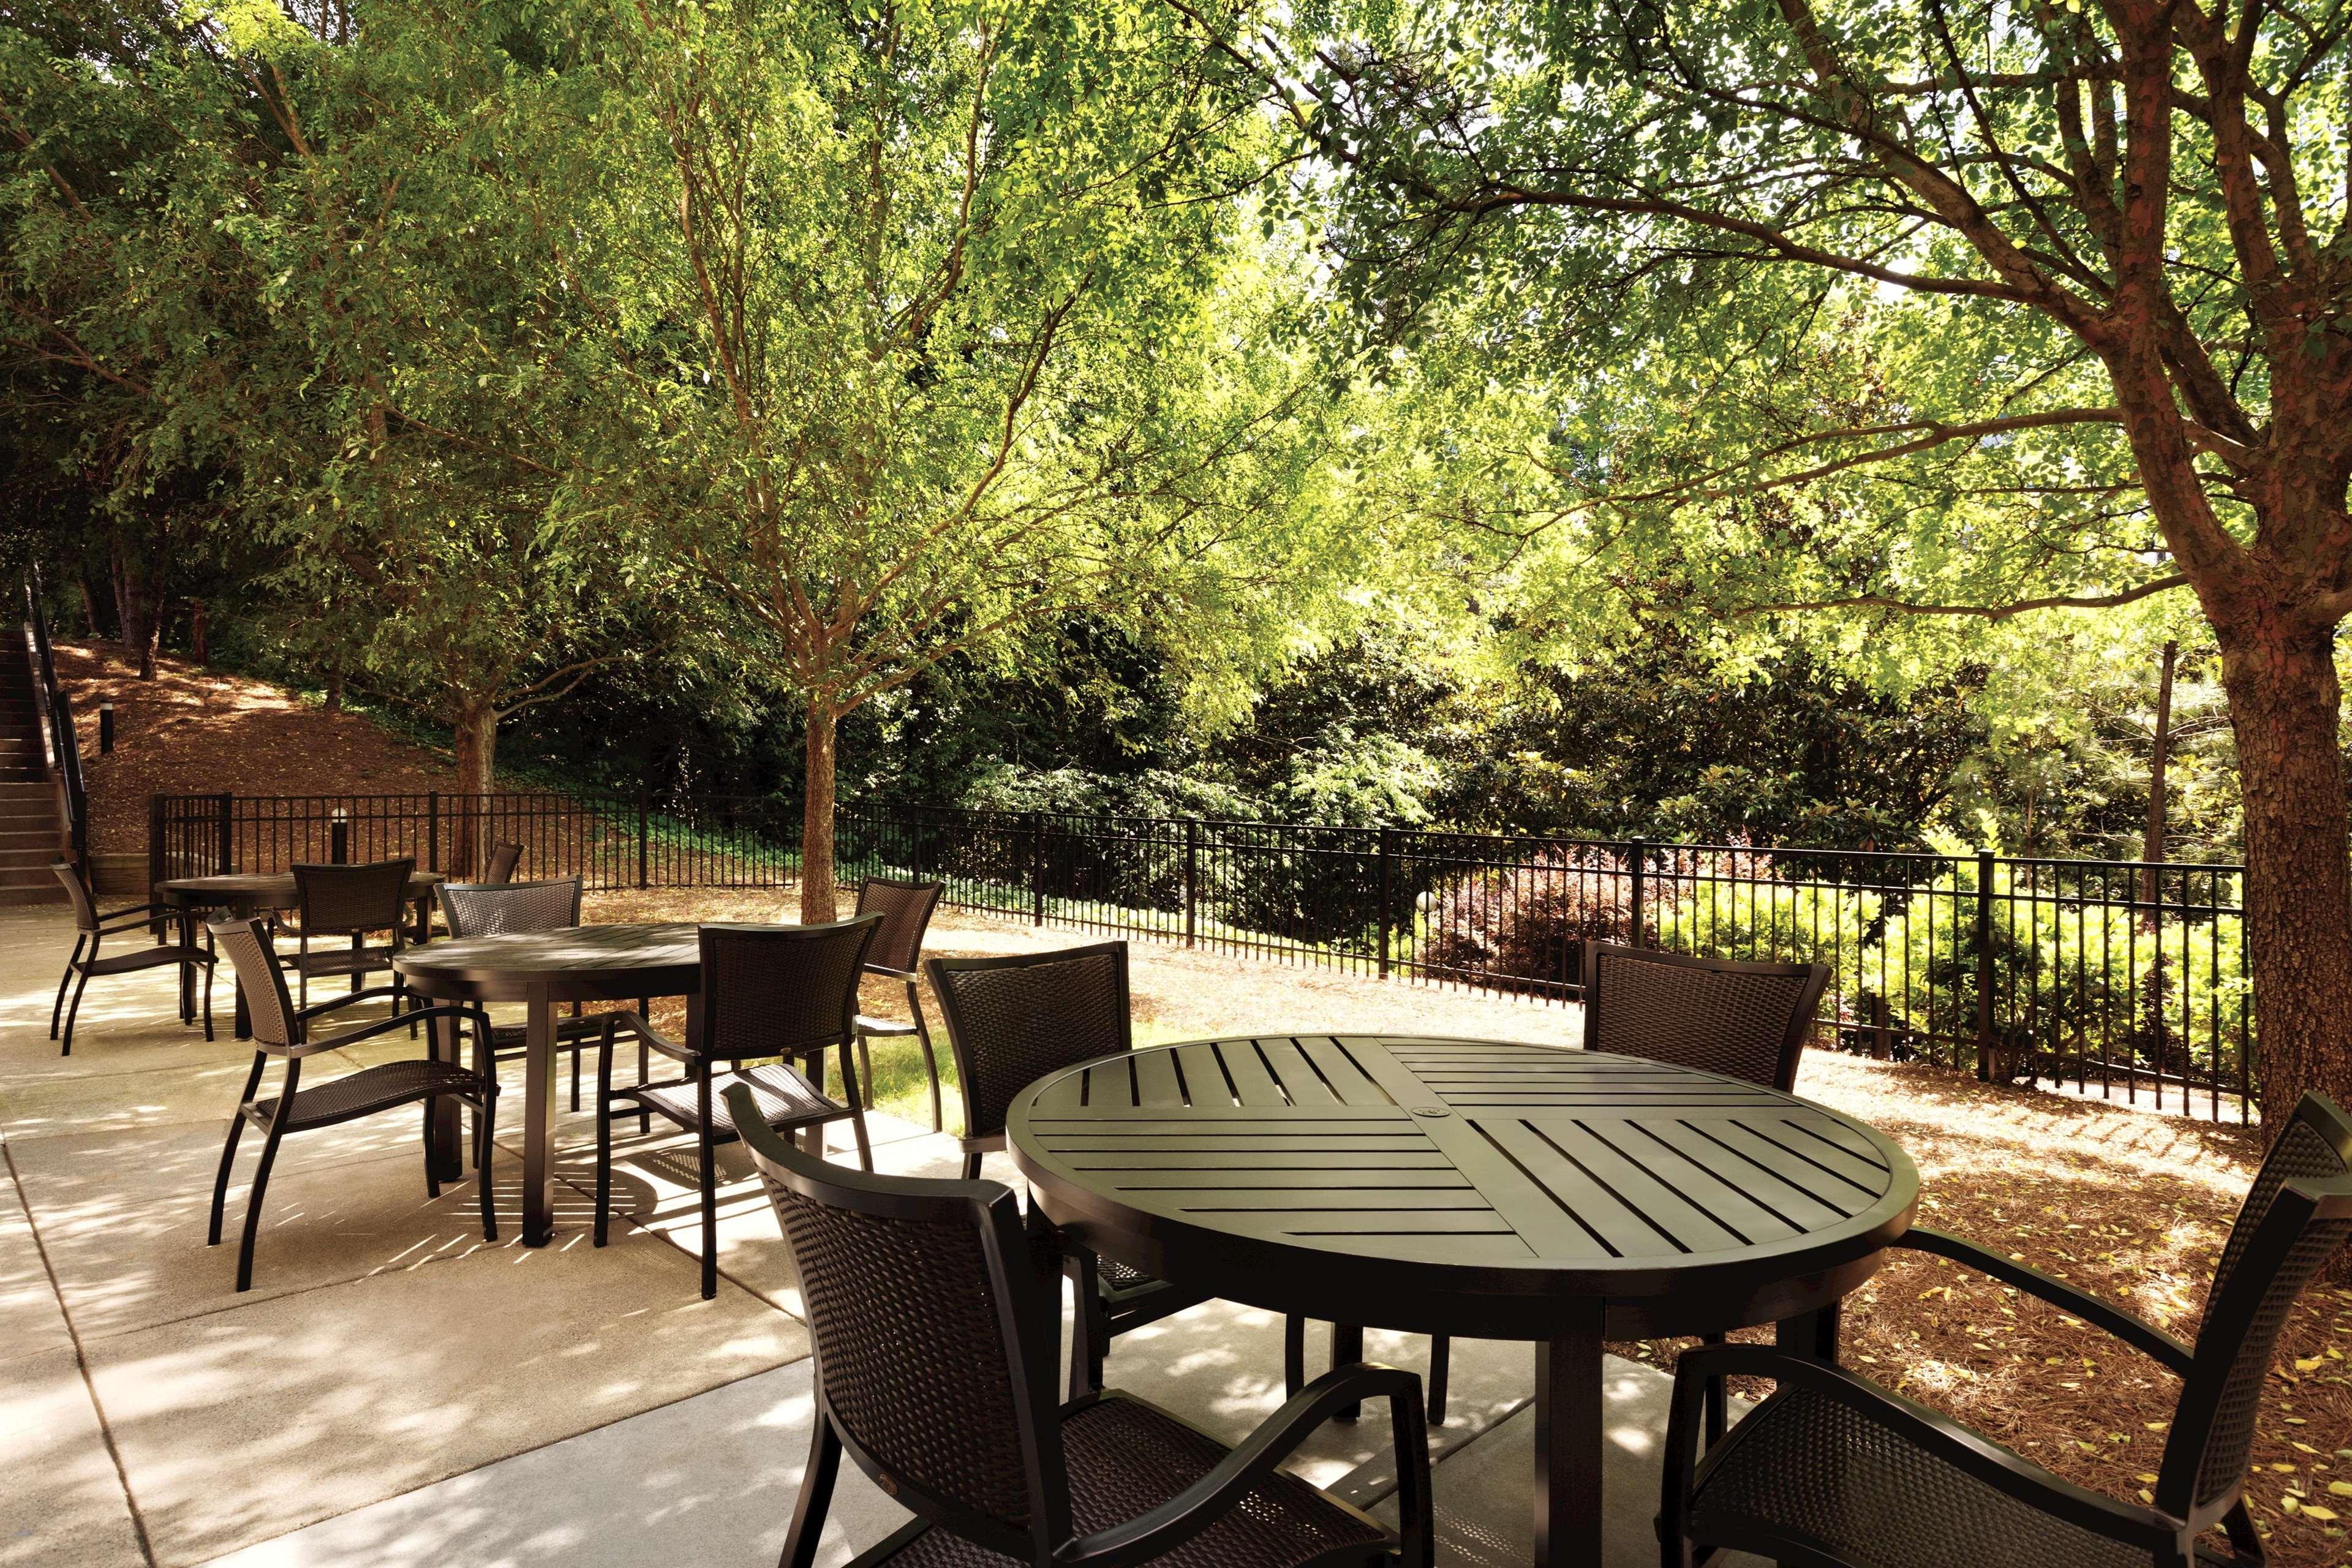 Hilton Garden Inn Atlanta Perimeter Center image 32